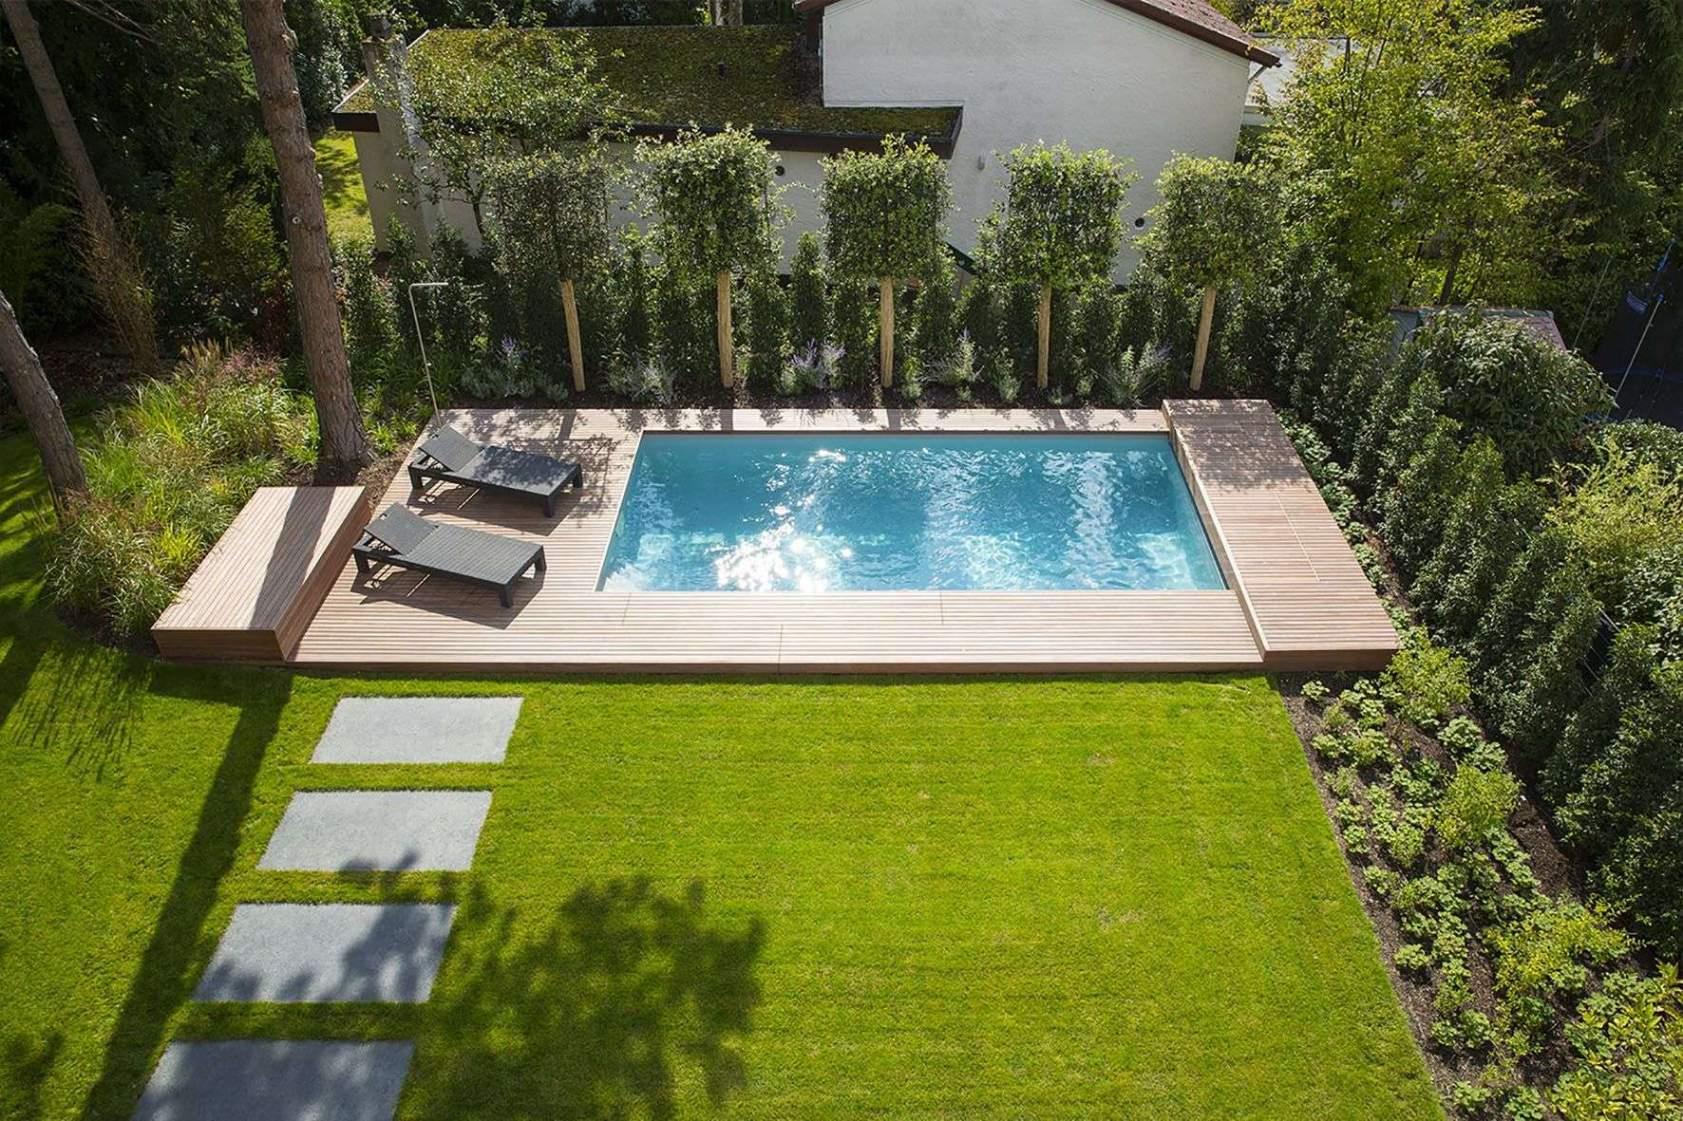 kleine pools fur kleine garten luxus kleine pools fur kleine garten temobardz home blog of kleine pools fur kleine garten